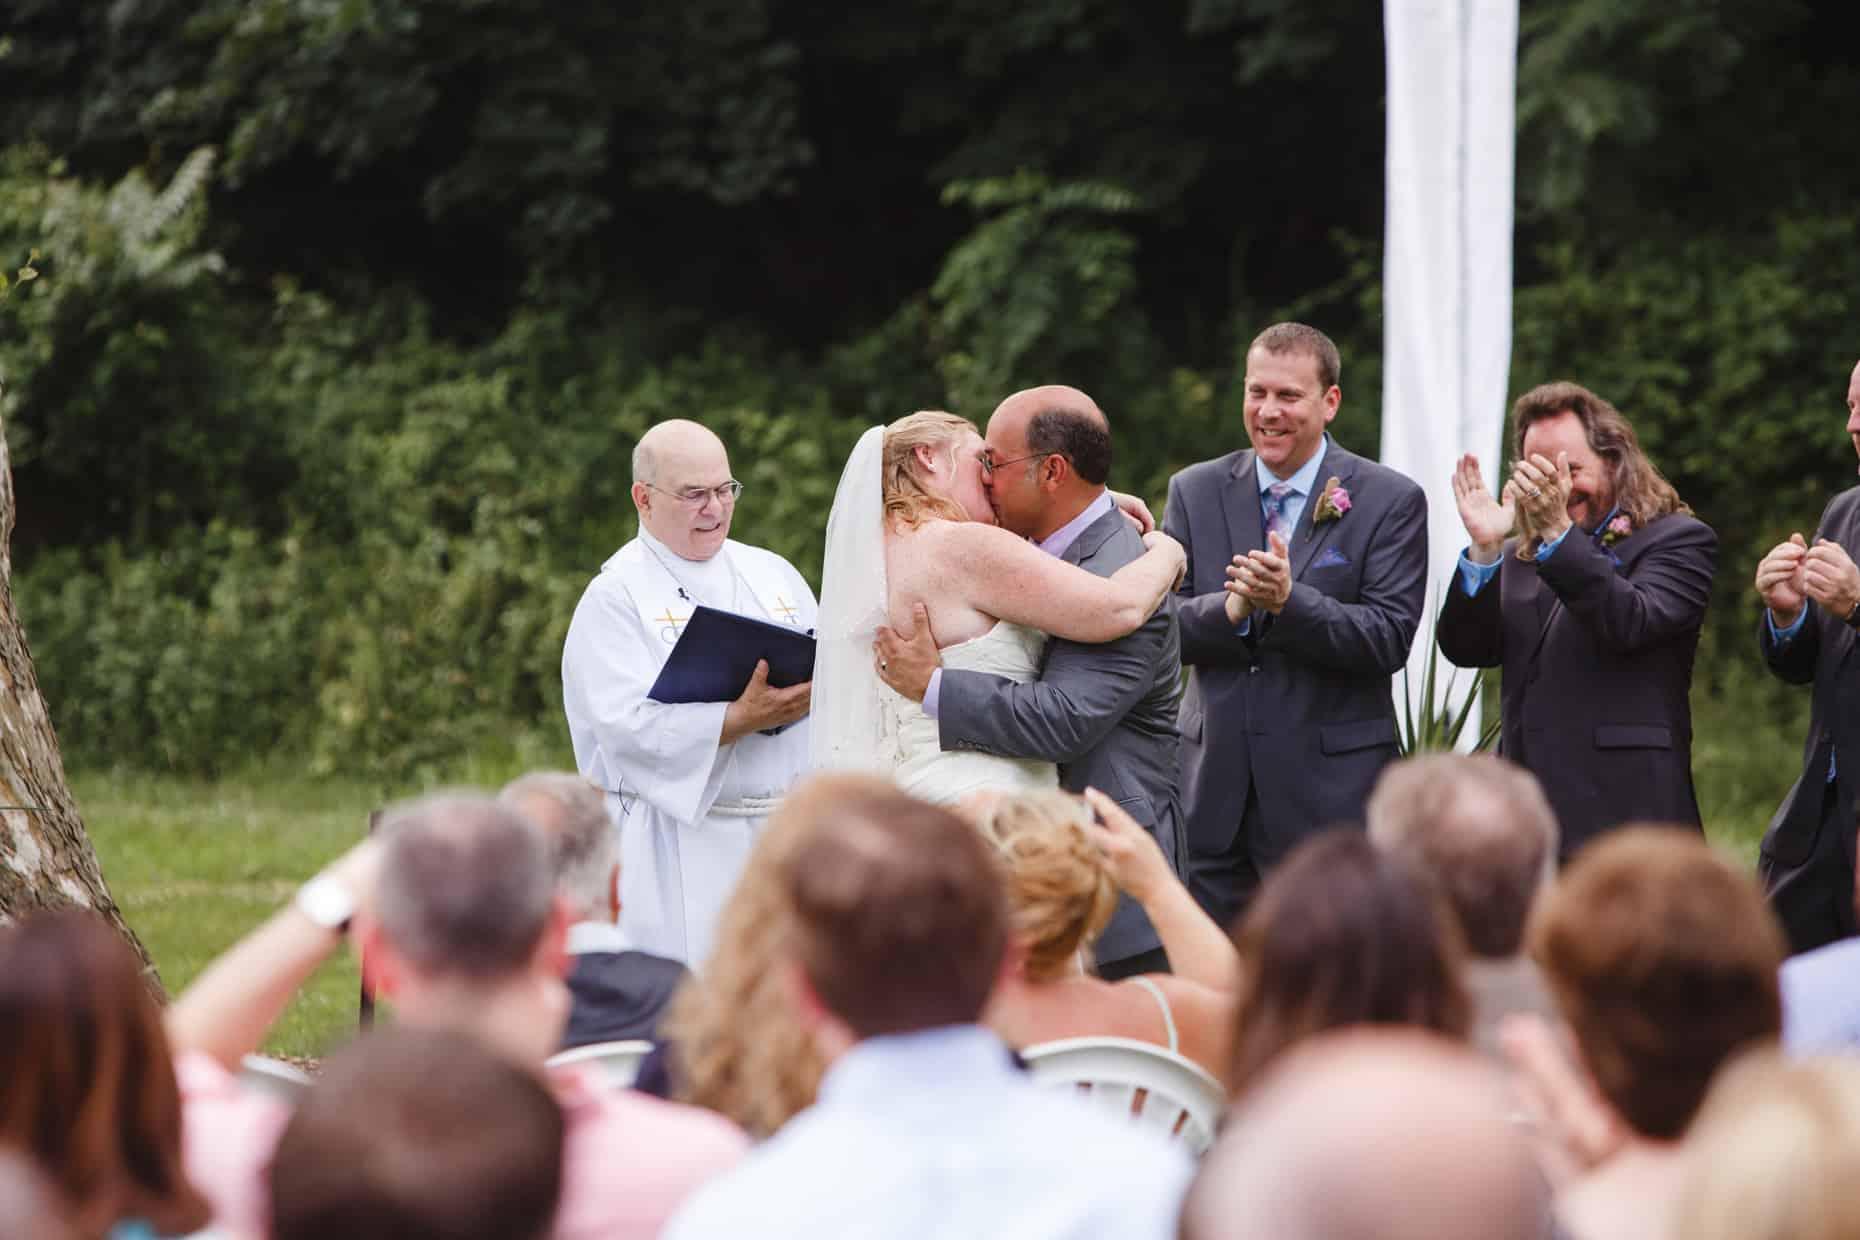 Wedding Photo Rustic